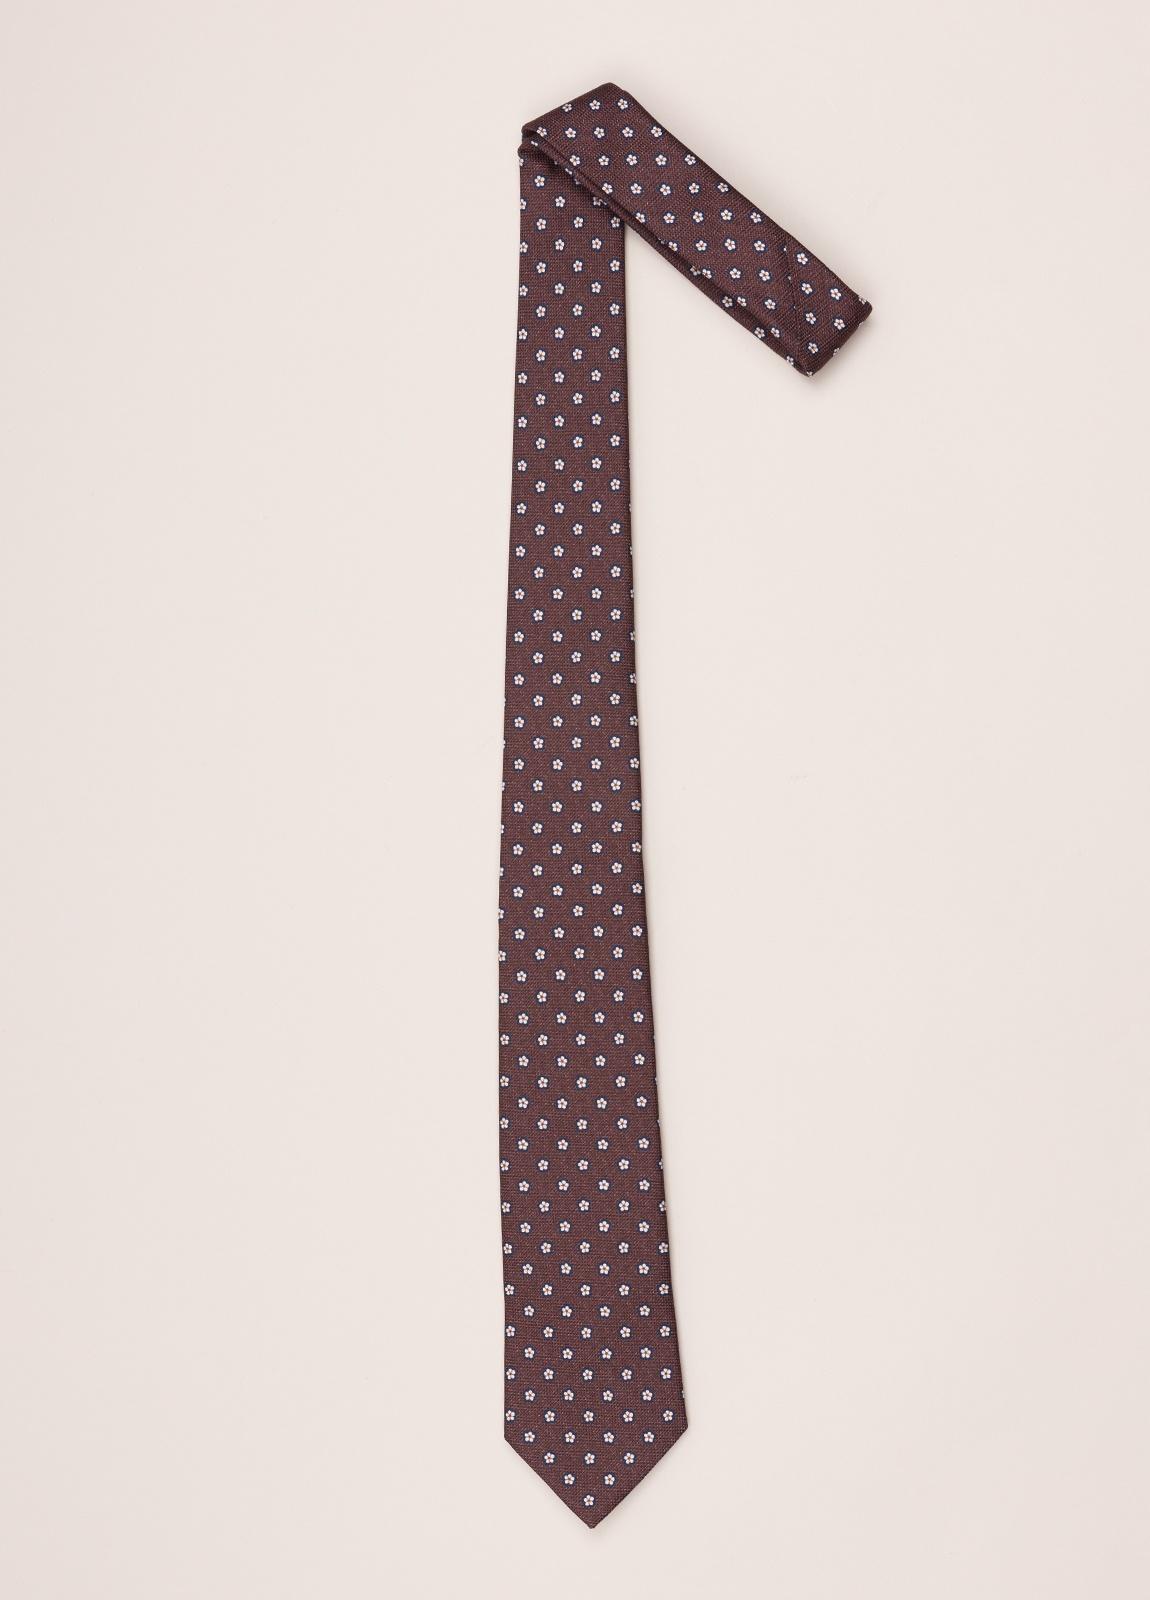 Corbata FUREST COLECCIÓN marrón dibujo - Ítem1